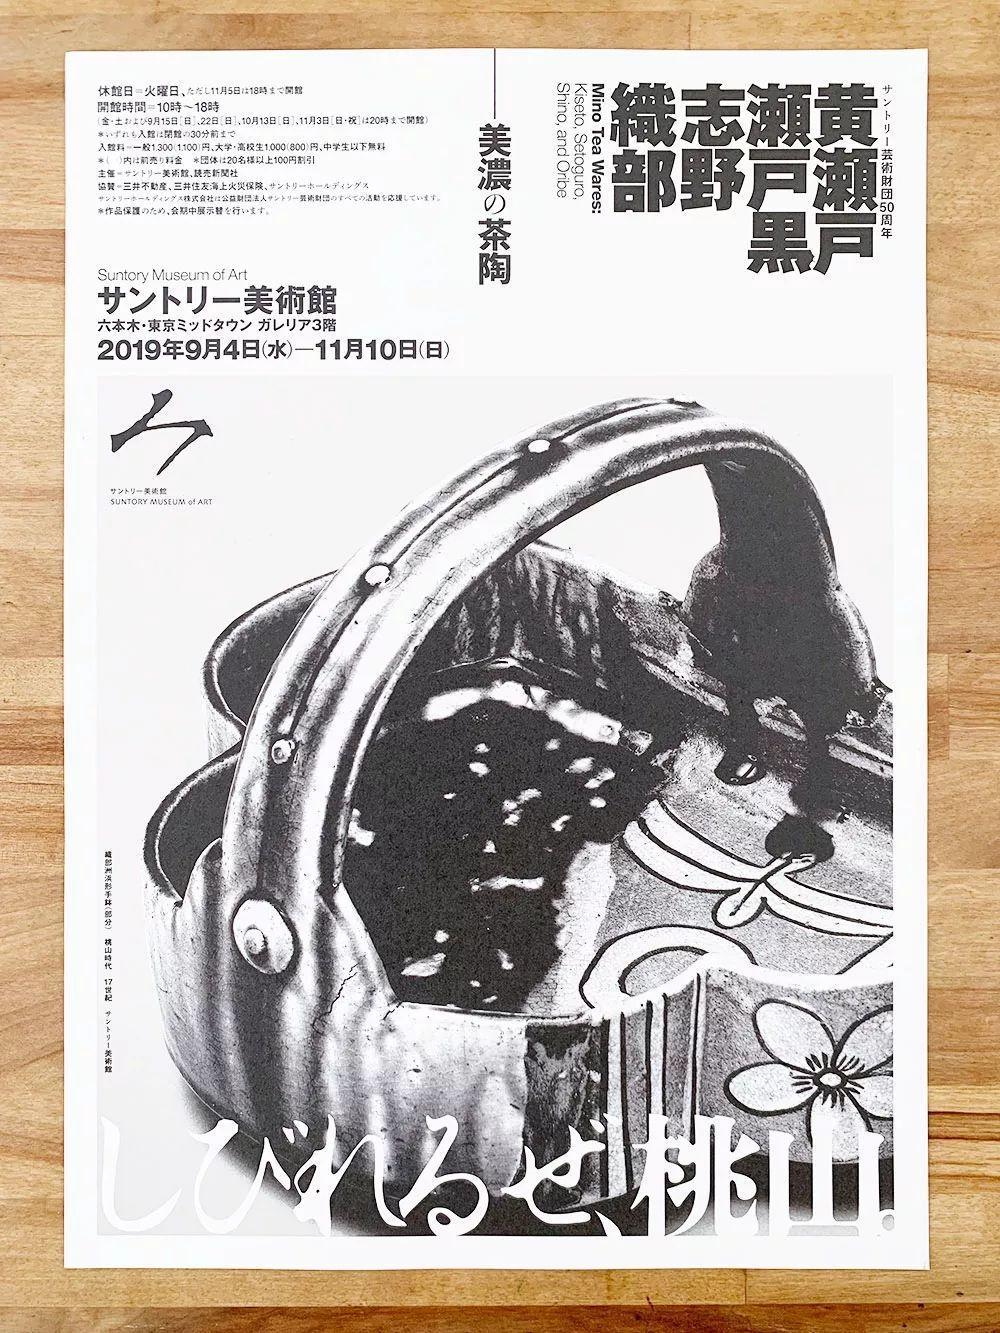 日本海报设计,字体和版式完美结合